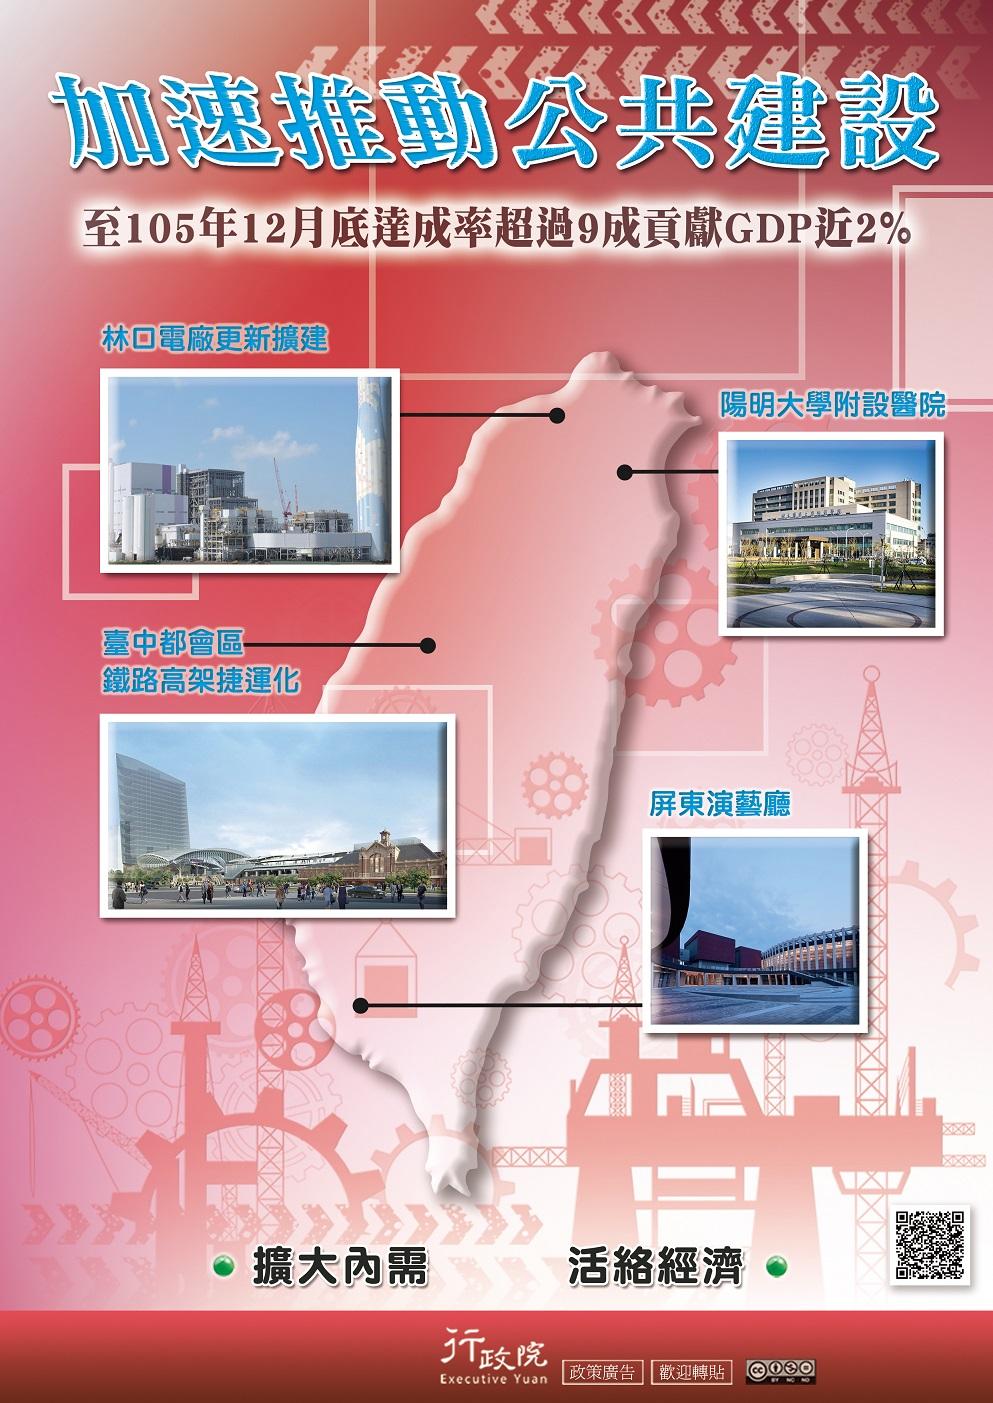 加速推動公共建設.jpg